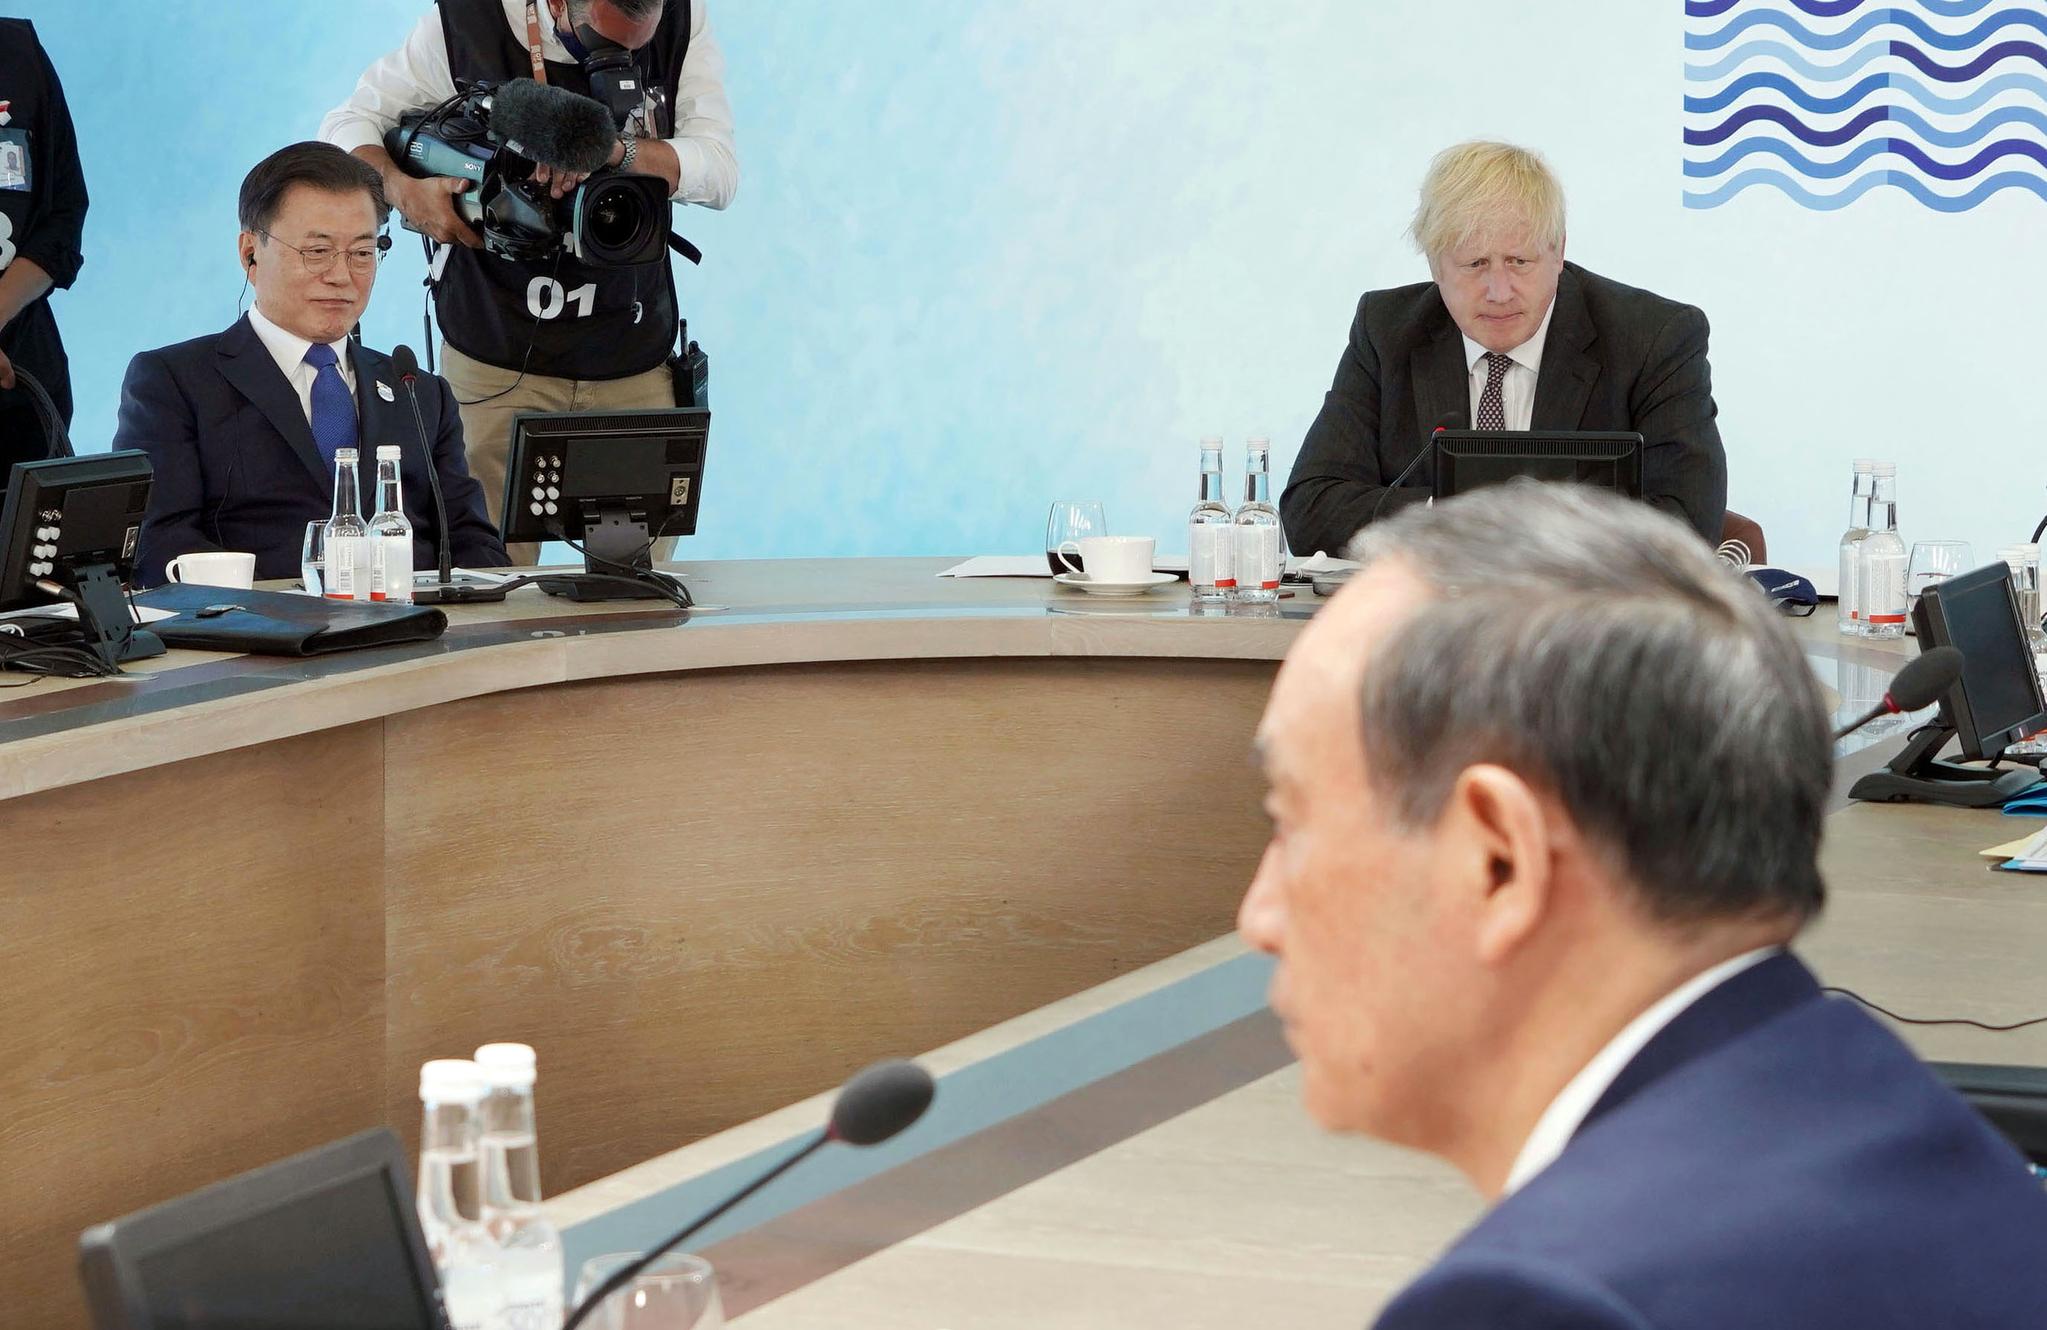 G7 정상회의 참석차 영국을 방문 중인 문재인 대통령이 13일(현지시간) 영국 콘월 카비스베이에서 열린 '기후변화 및 환경' 방안을 다룰 확대회의 3세션에 영국 보리스 존슨 총리, 일본 스가 요시히데 총리(오른쪽 앞)와 참석해 있다. 연합뉴스